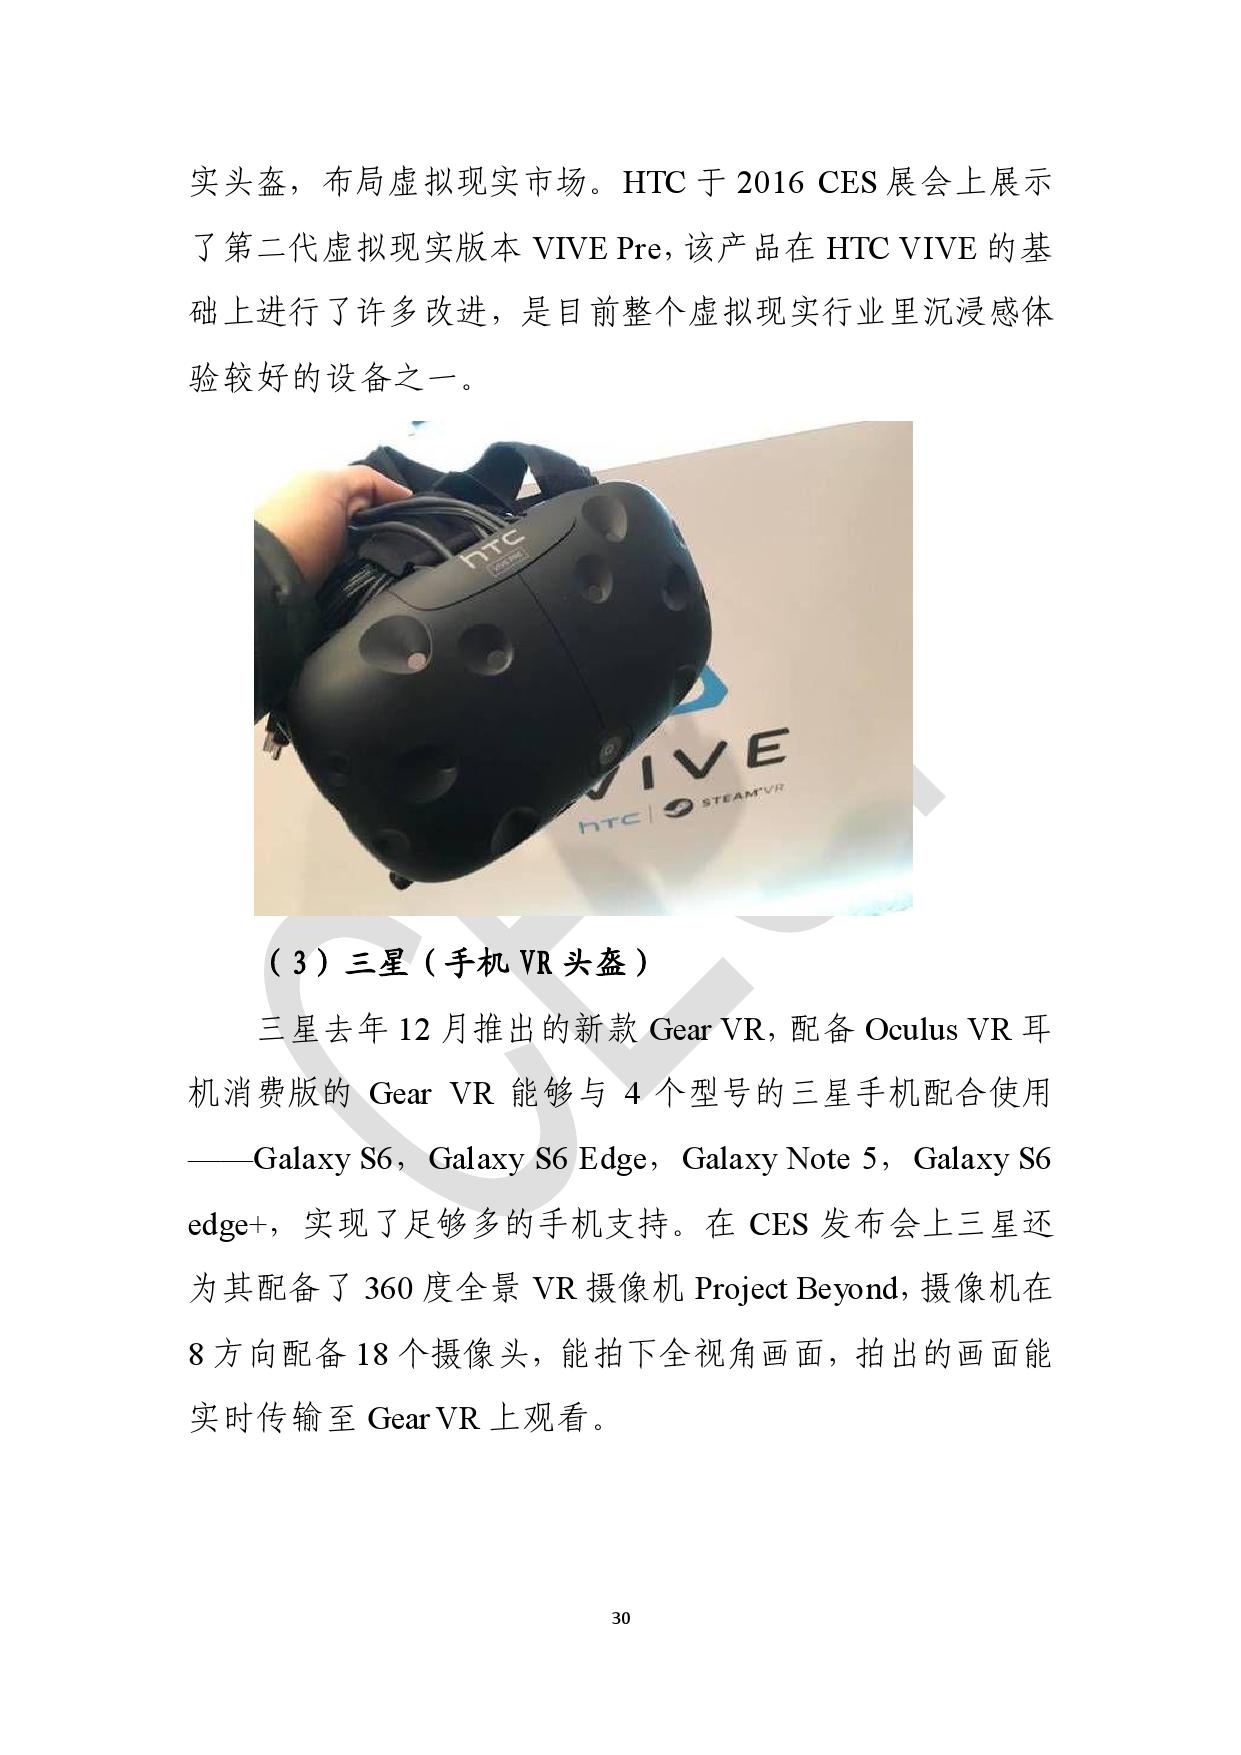 2016年虚拟现实产业发展白皮书_000032